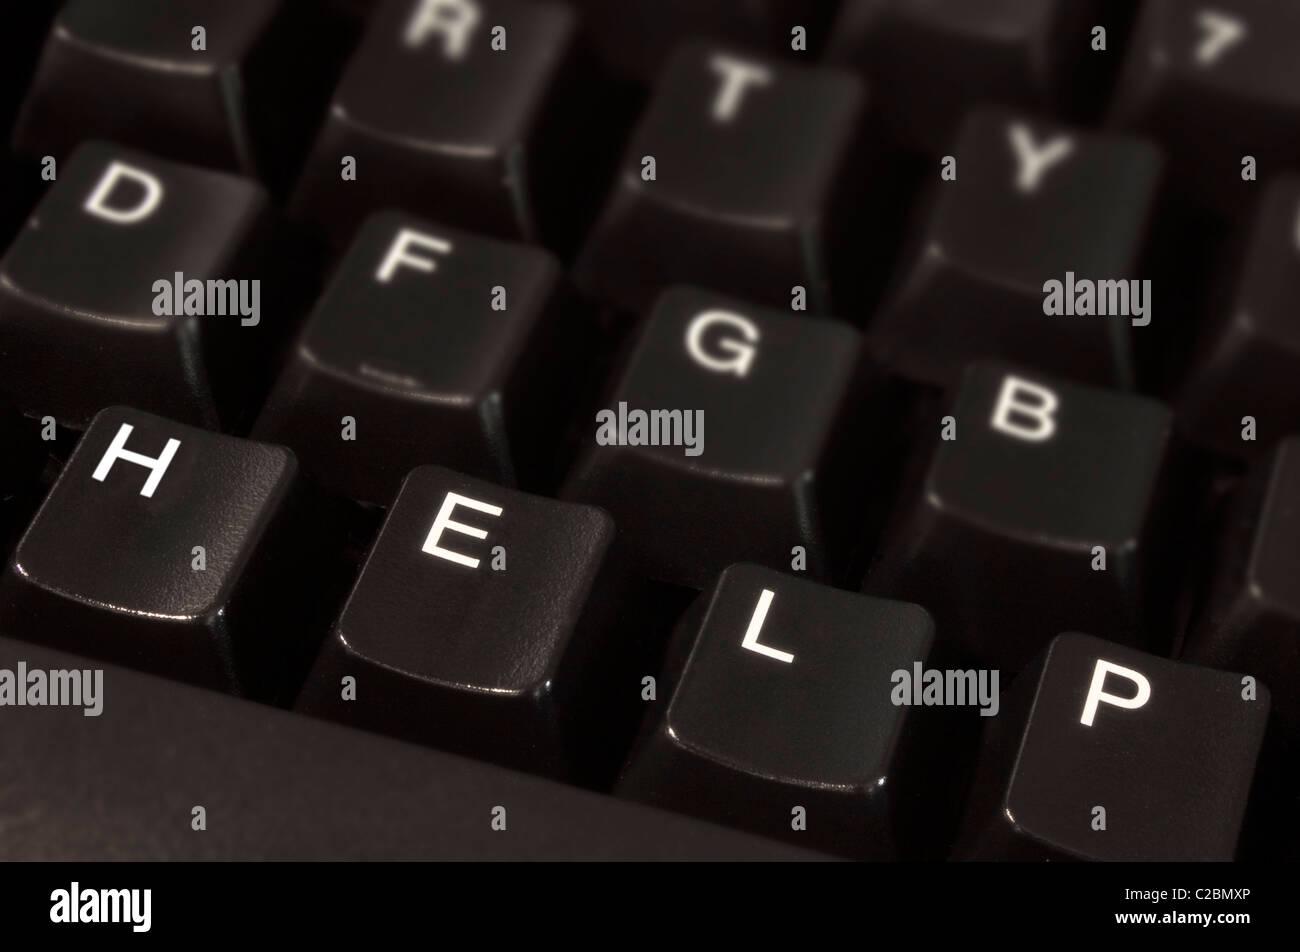 Computer Help Desk - Stock Image